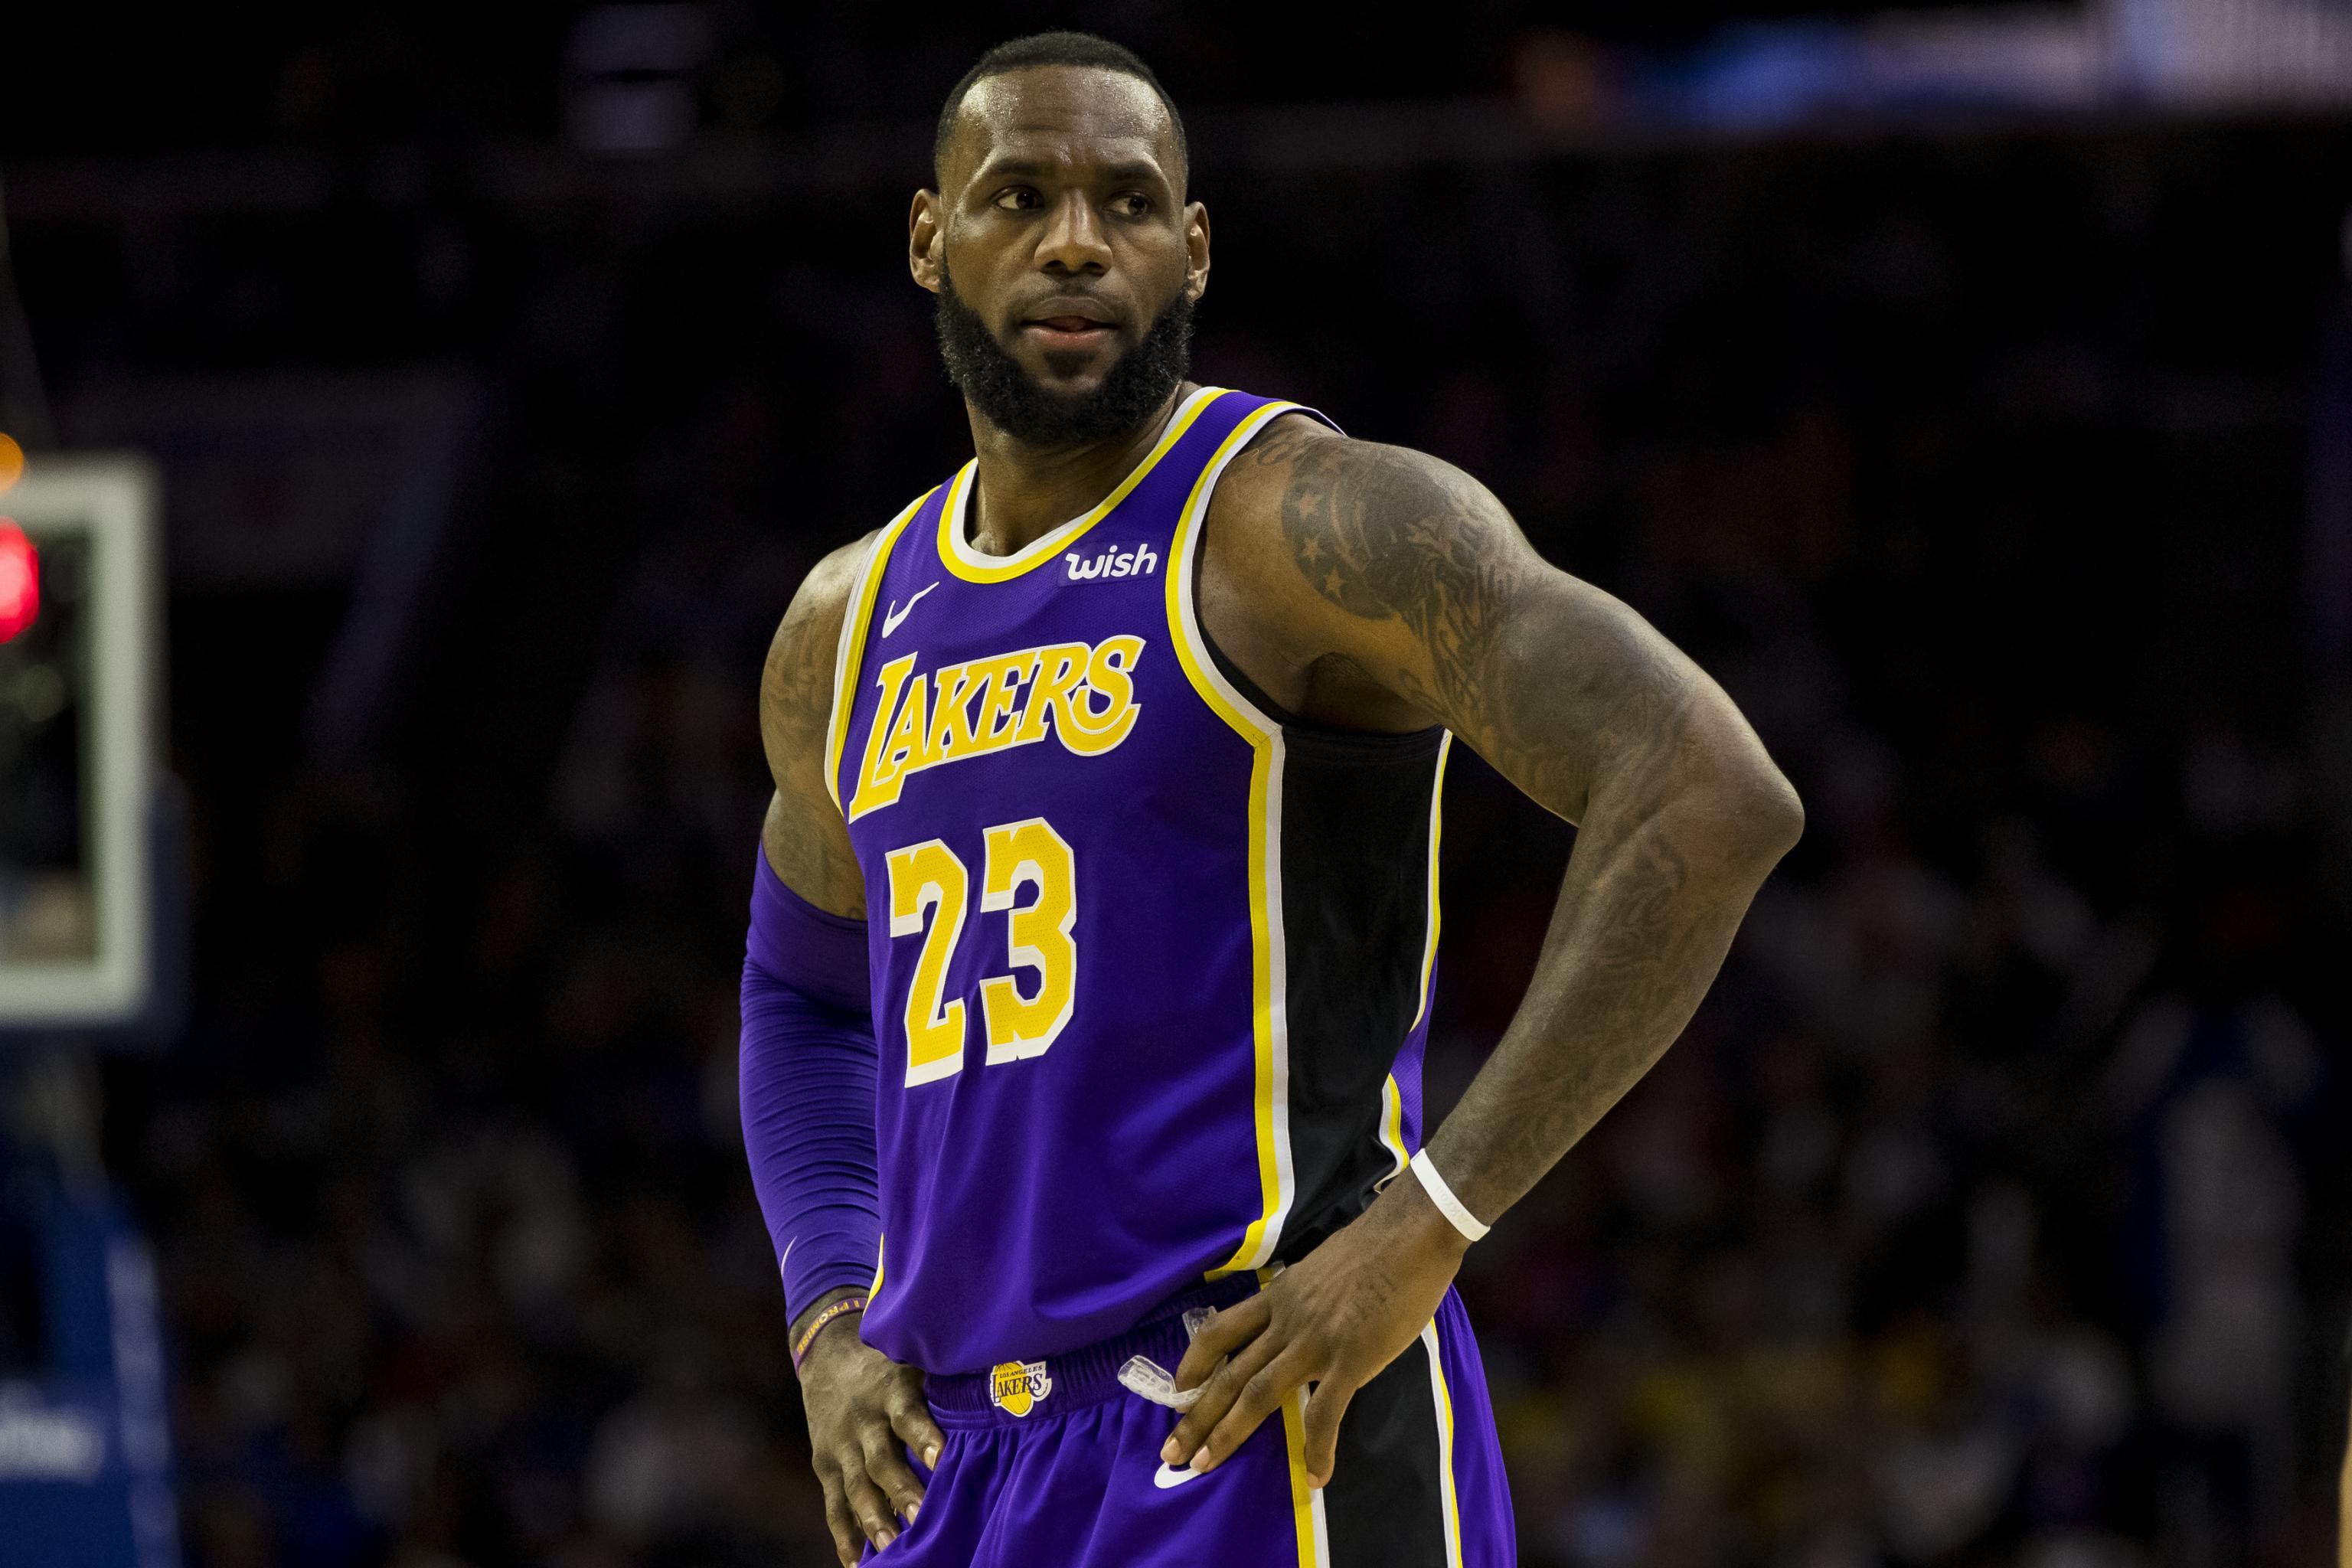 庫茲馬:NBA沒有哪支球隊能長盛不衰,勇士也不行,不過LeBron除外!-Haters-黑特籃球NBA新聞影音圖片分享社區